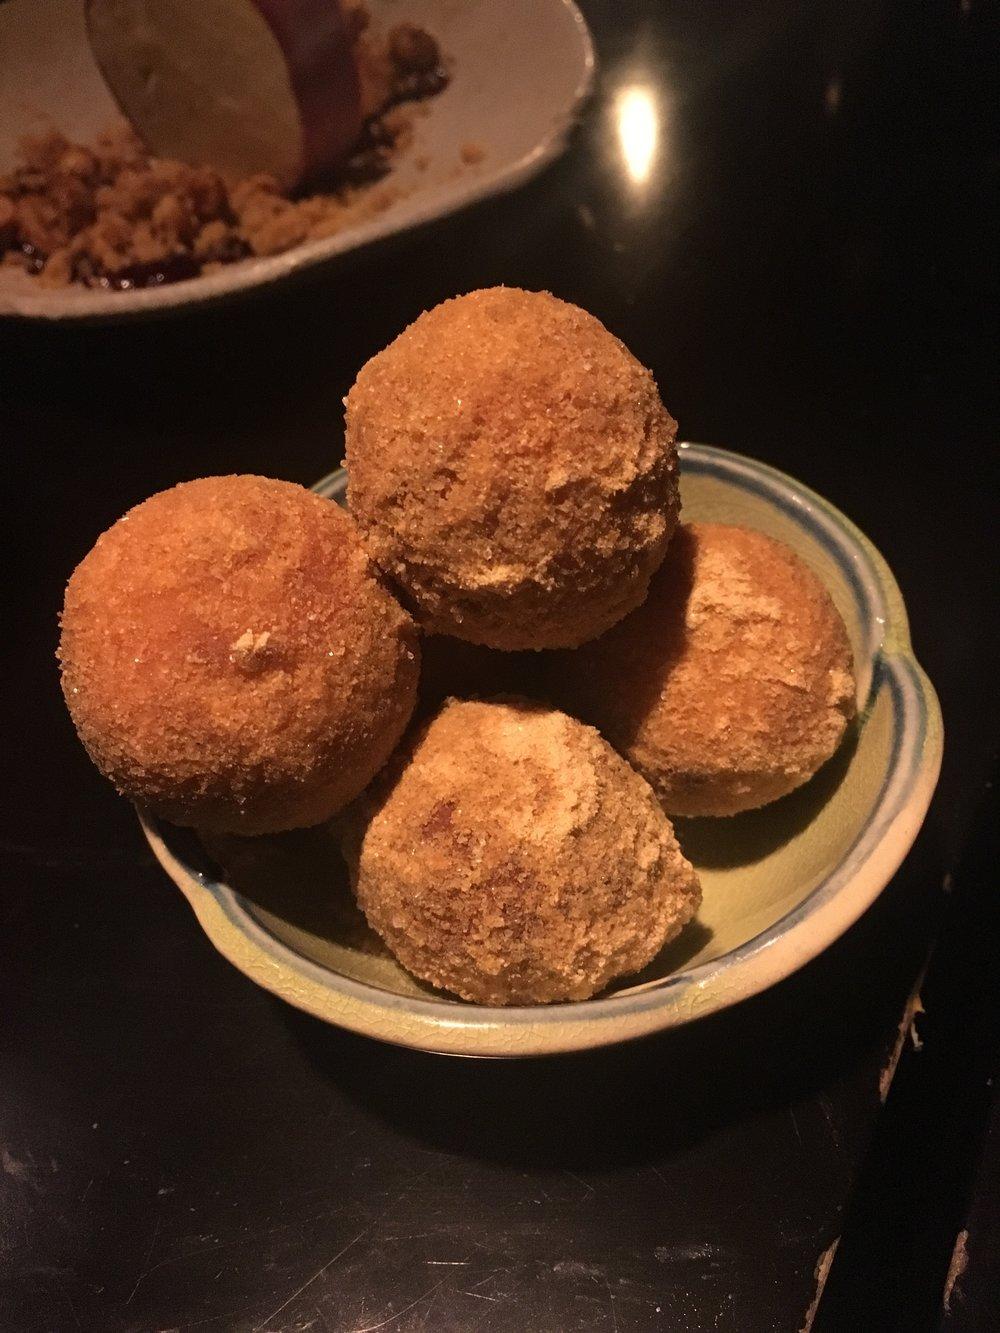 Kinako donuts